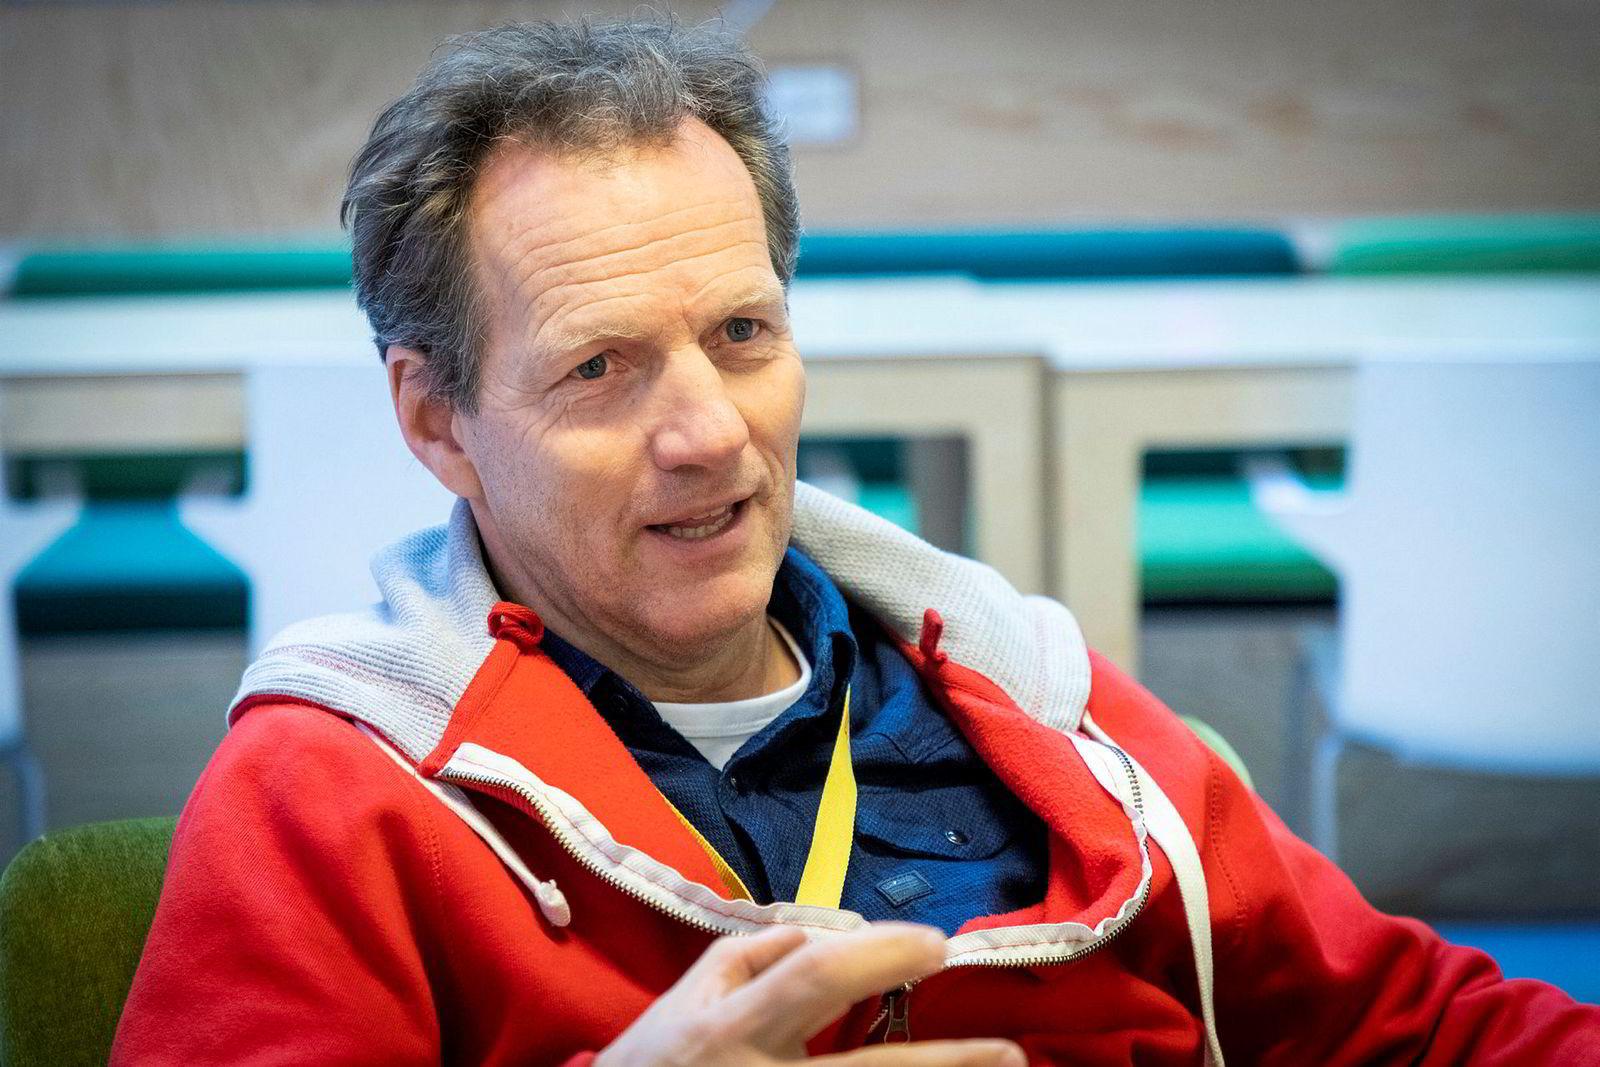 Rolf Assev, partner i StartupLab (Oslo). Assev var ansvarlig for salg, markedsføring og strategi under Opera Softwares globale ekspansjon fra 1999 og frem til 2012. Medgründer i WeWantToKnow og begynte i StartupLab i 2012. Har tidligere studert på NHH og jobbet i Lillehammer-OL og Geelmuyden. Kiese.StartupLab huser og støtter utviklingen i rundt 80 oppstartsselskaper i tidlig fase i sine lokaler i Forskningsparken på Blindern i Oslo. De driver også sitt eget investeringsfond som går inn med mindre beløp i tidlig fase.